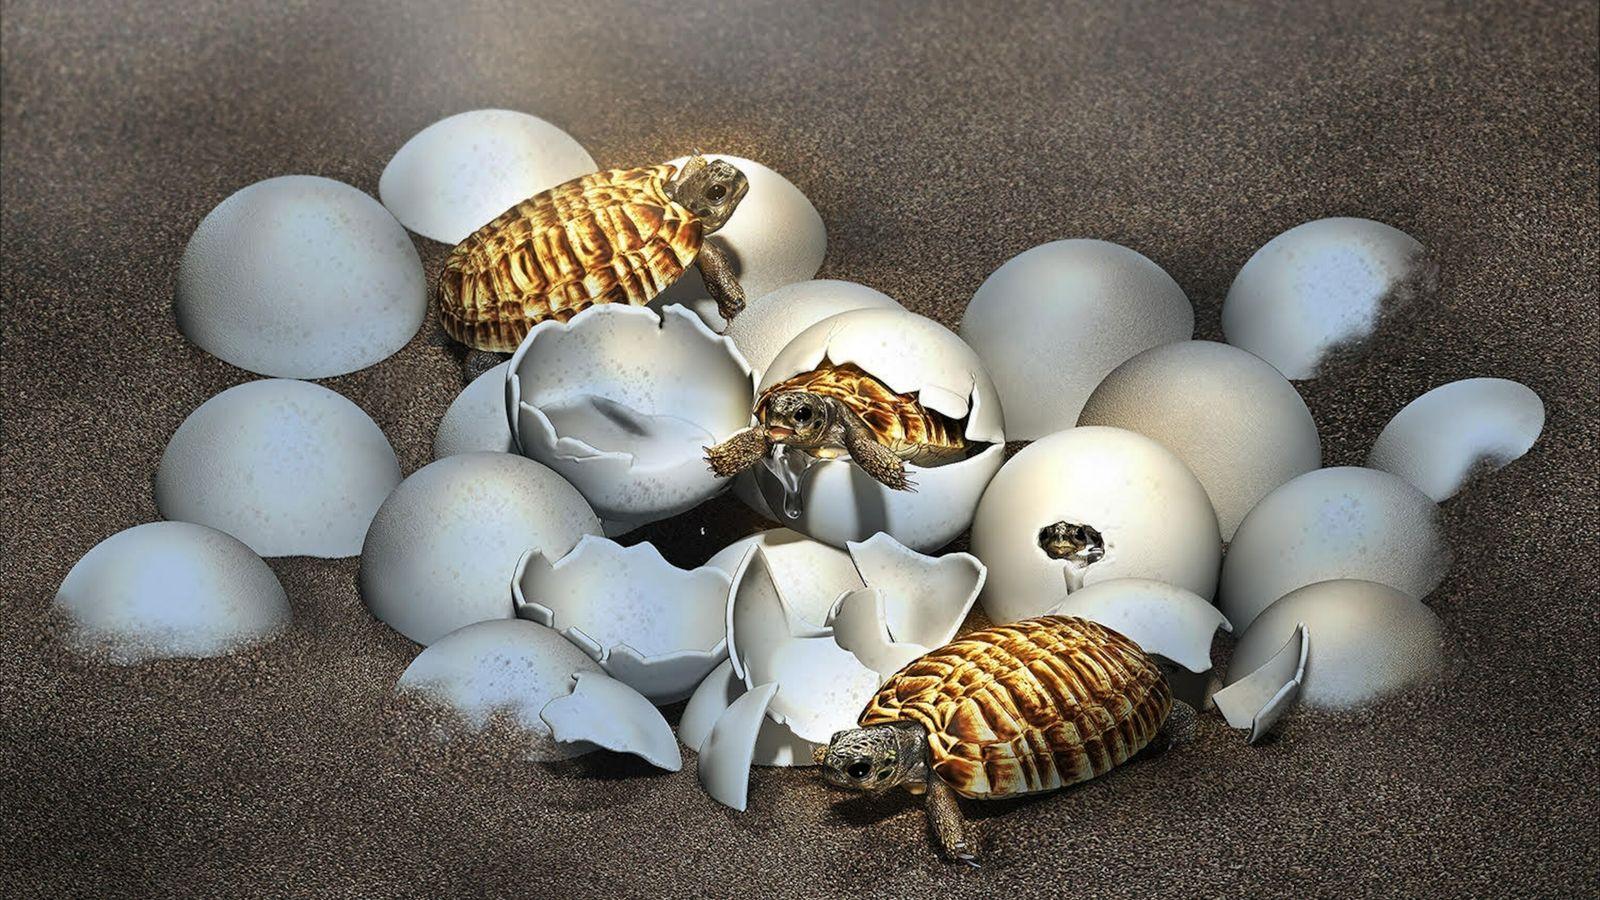 Un œuf fossilisé a été retrouvé en Chine. Il cachait une surprise : l'embryon d'une tortue géante ...